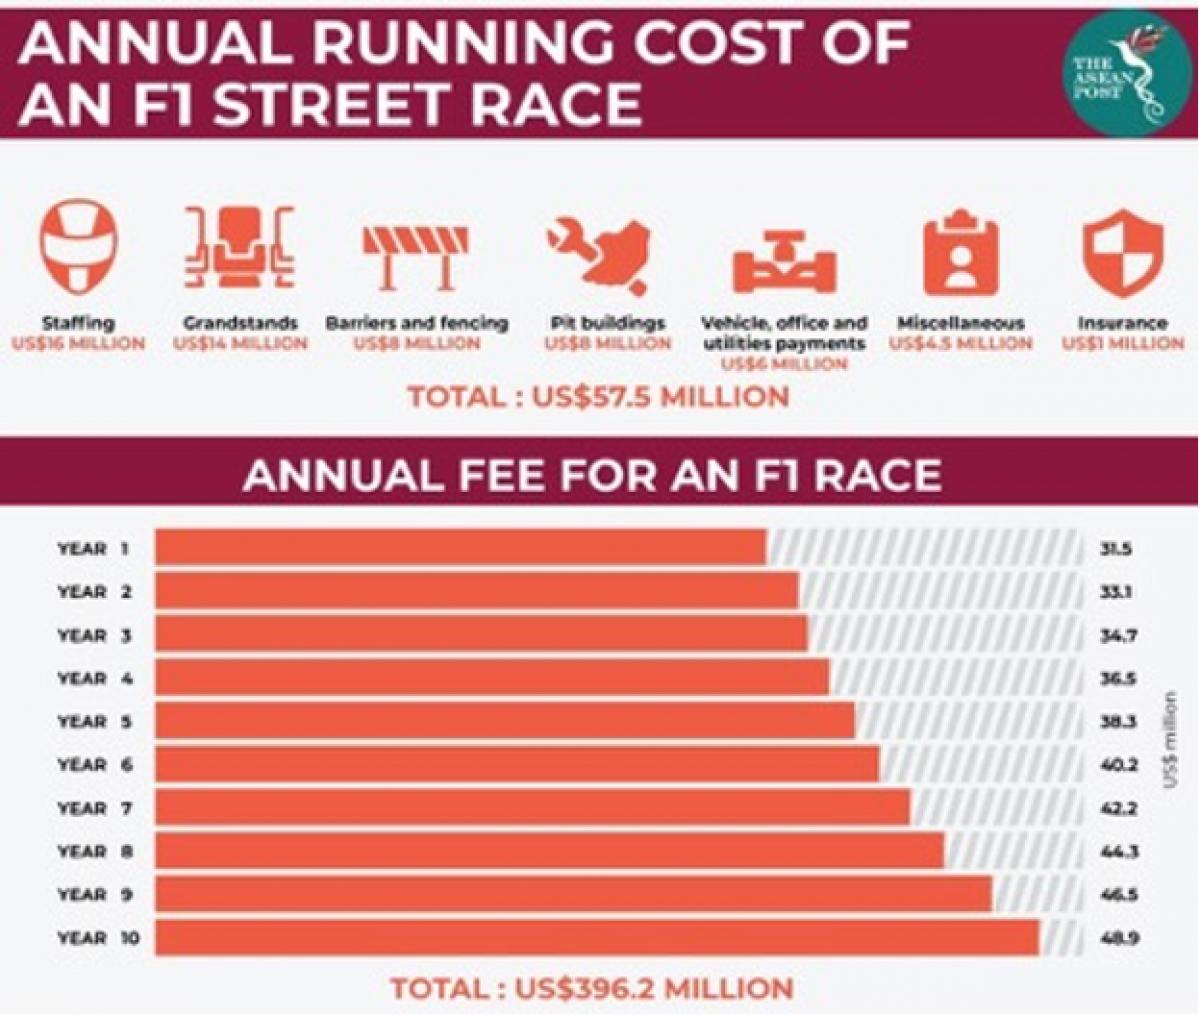 Tổng chi phí vận hành 1 giải đua F1 theo năm.